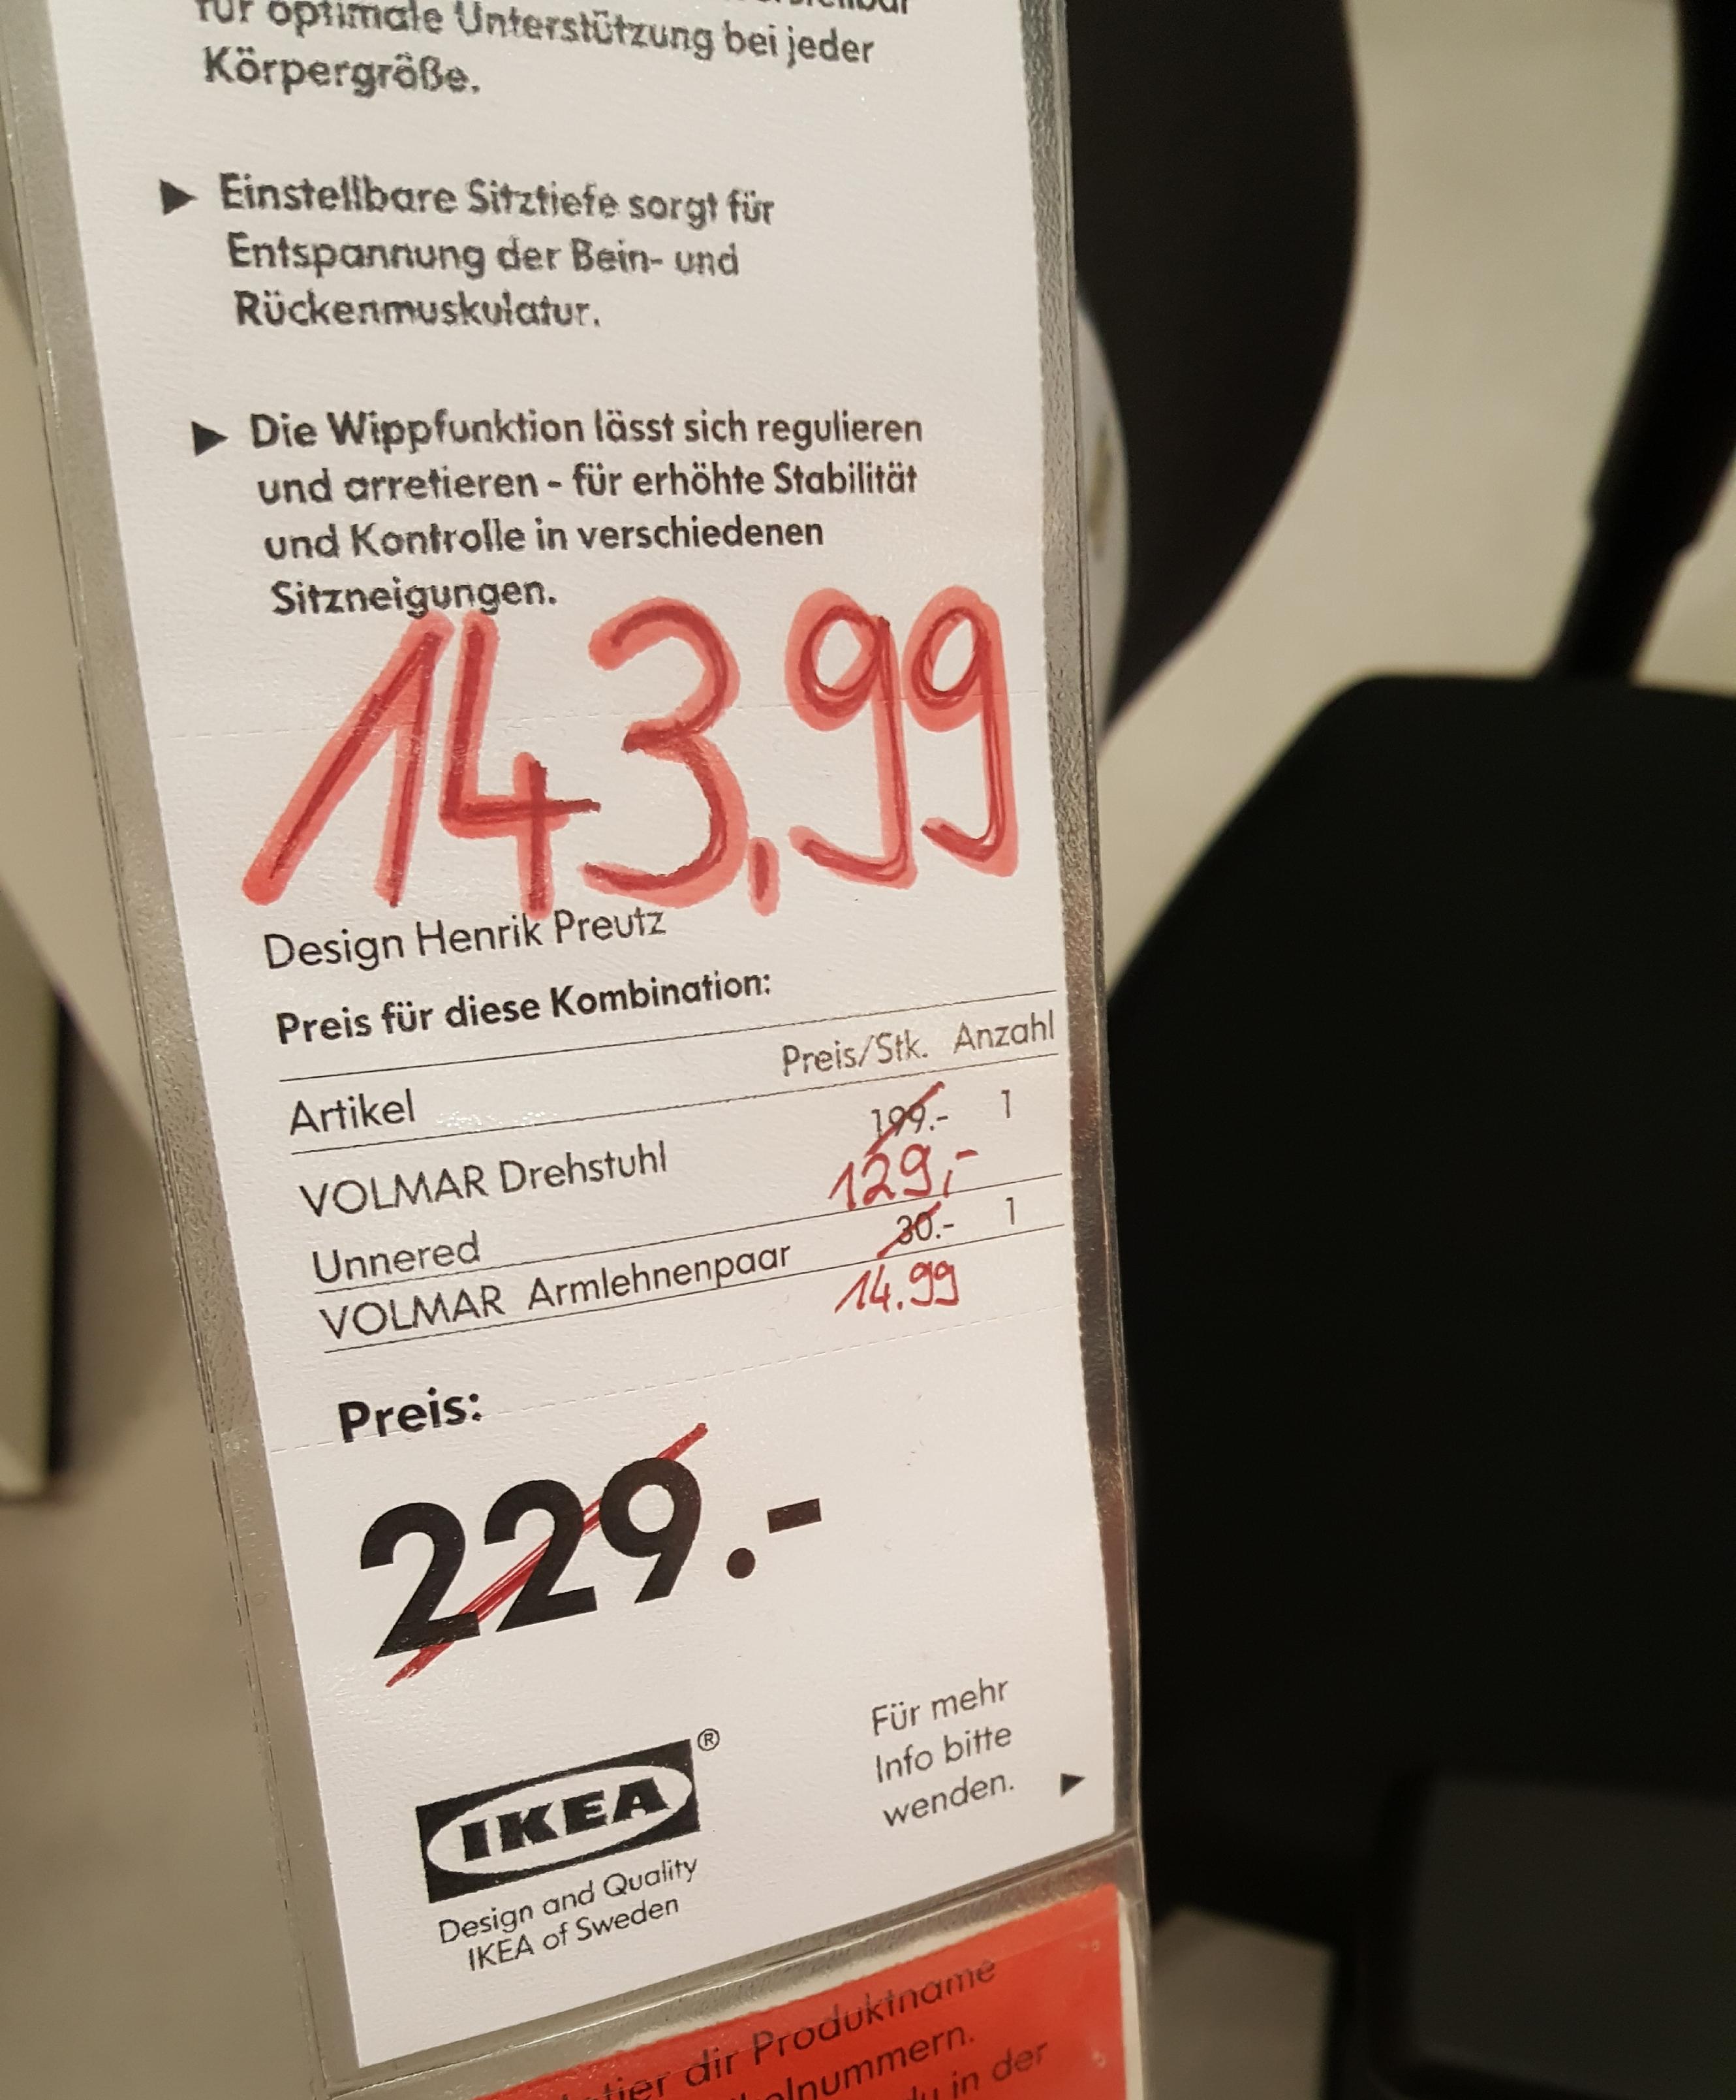 Lokal Magdeburg IKEA VOLMAR Drehstuhl Mit Oder Ohne Armlehnen Reduziert